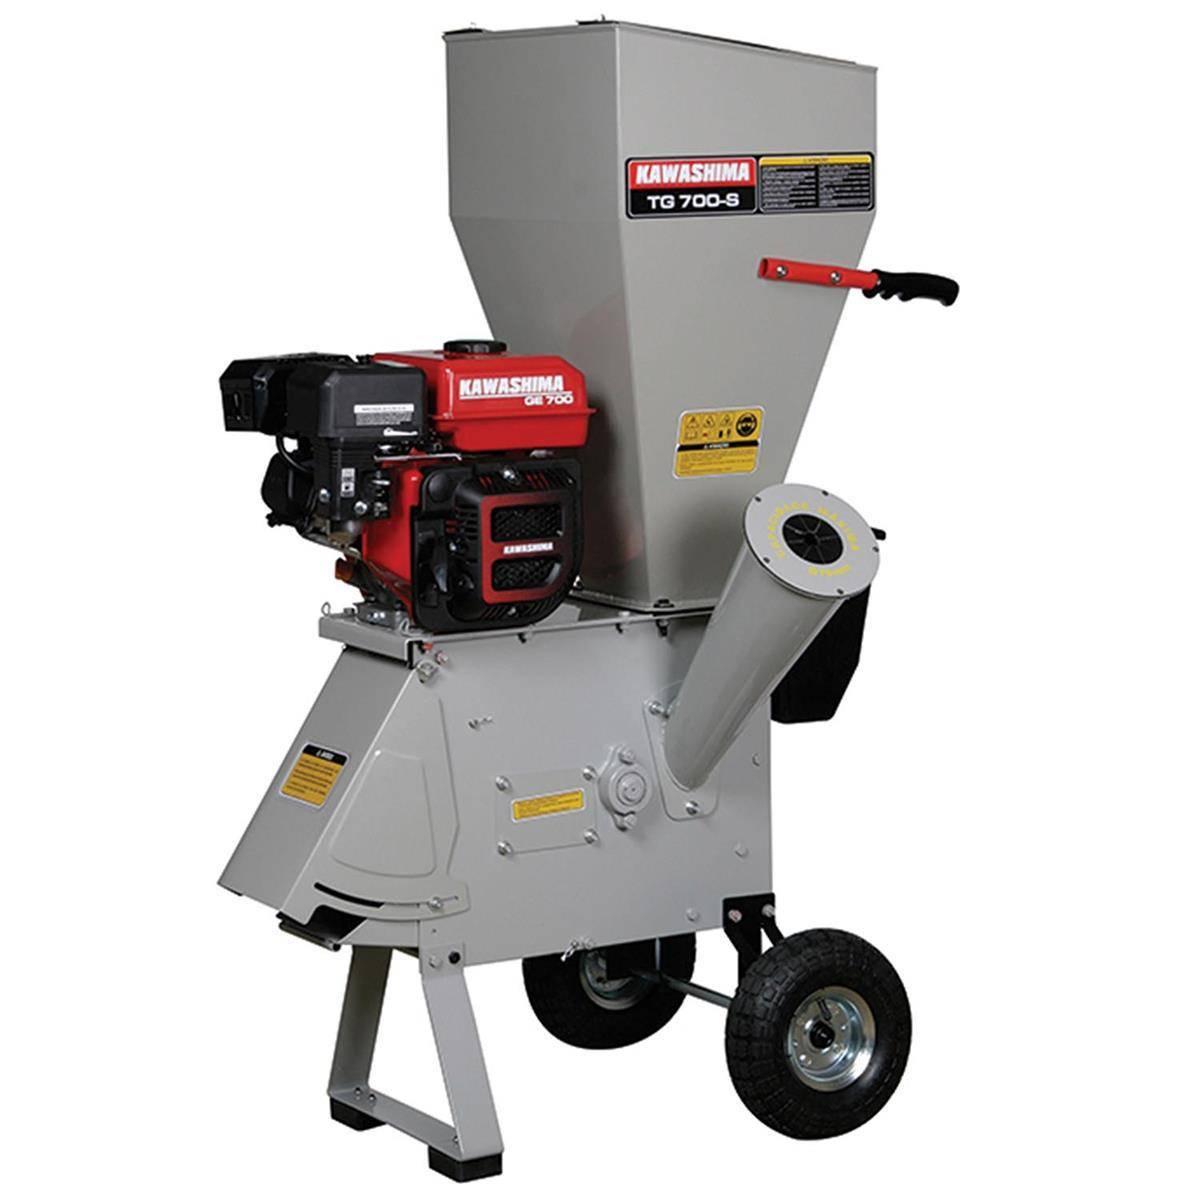 Triturador/forrageiro GasolinaKawashimaTG700-S 4tempos 7HP - BSS Maquinas